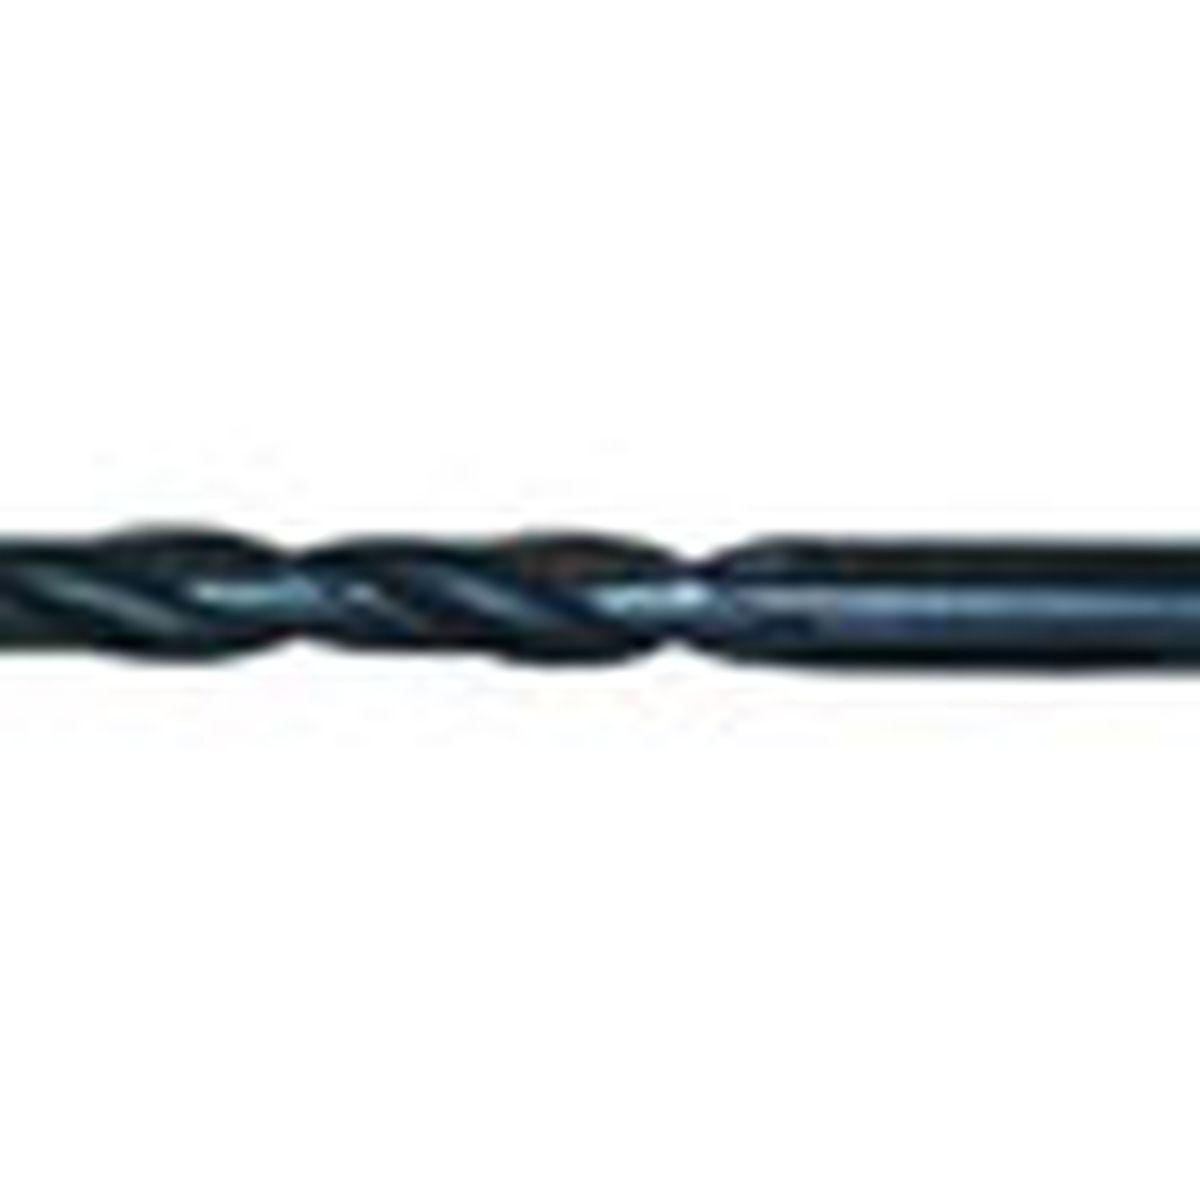 1/4-inch drill bit